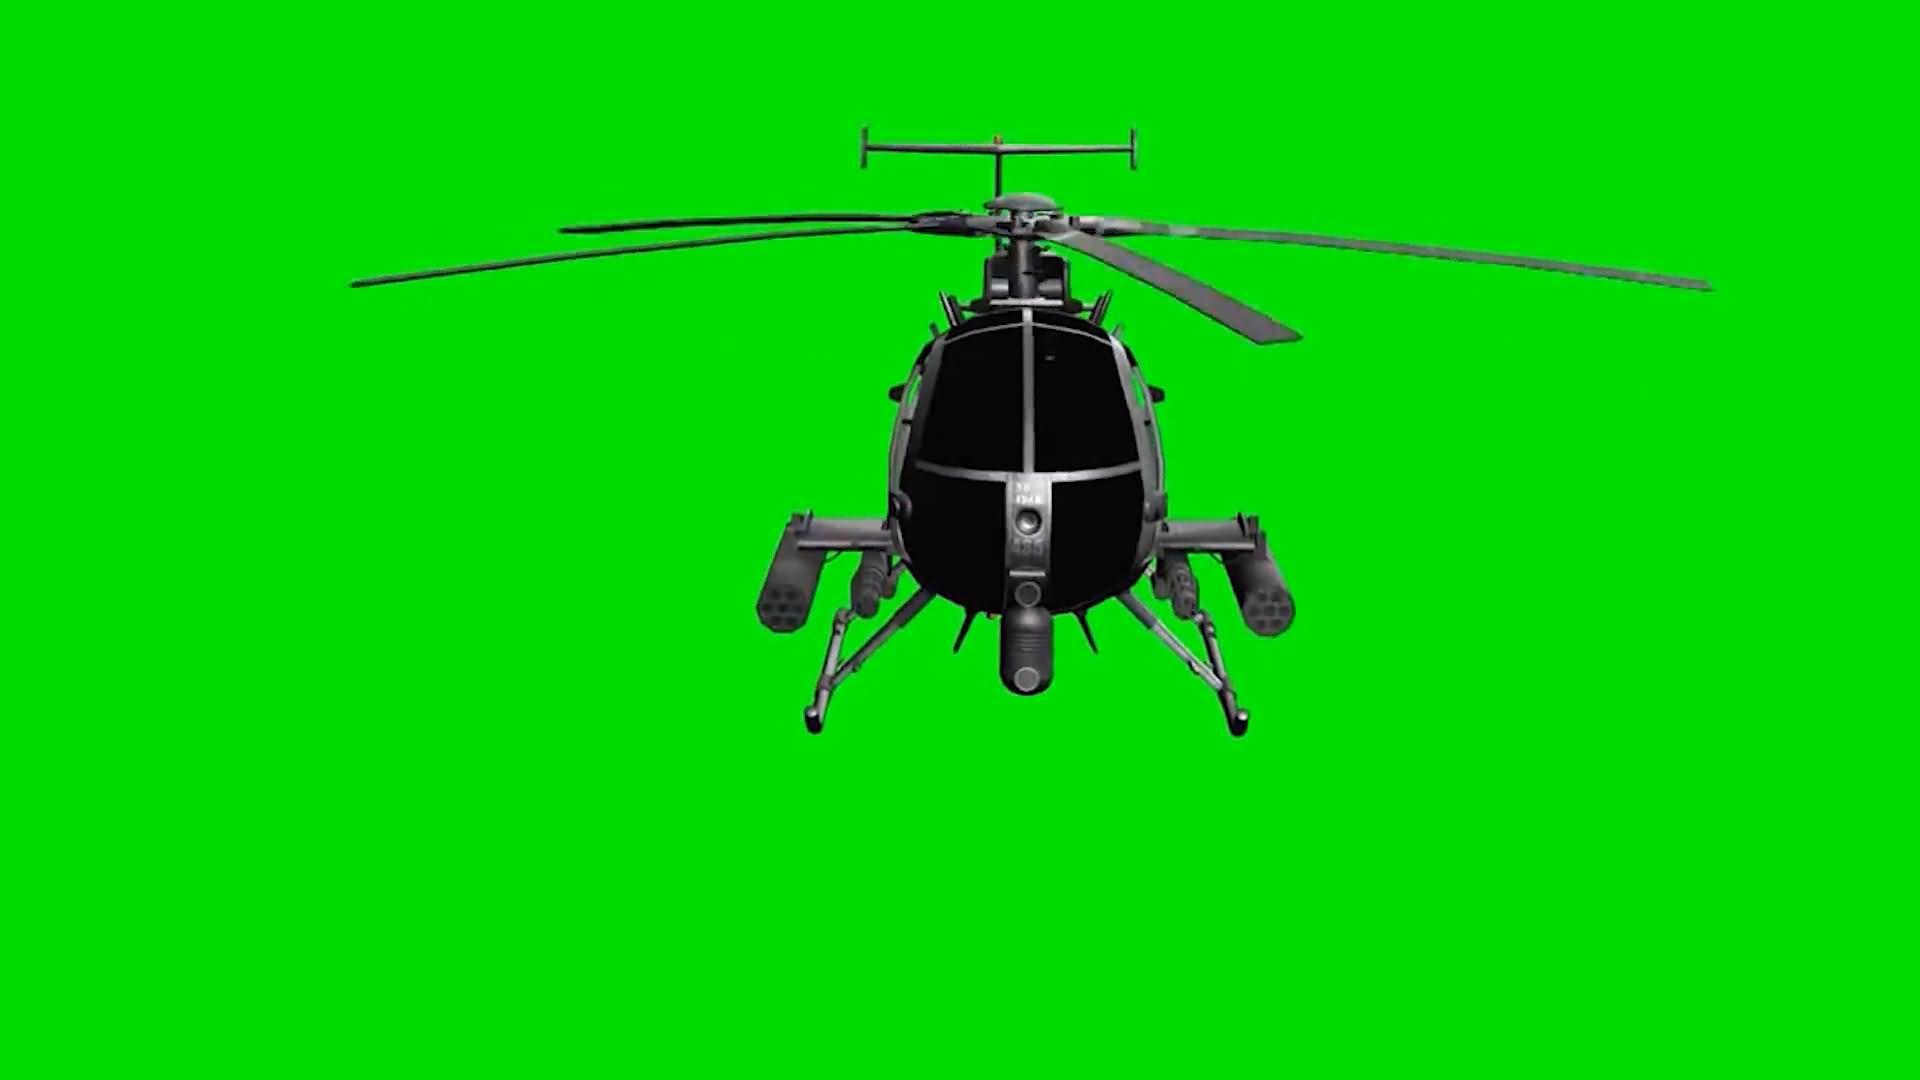 绿屏抠像军用直升机.jpg